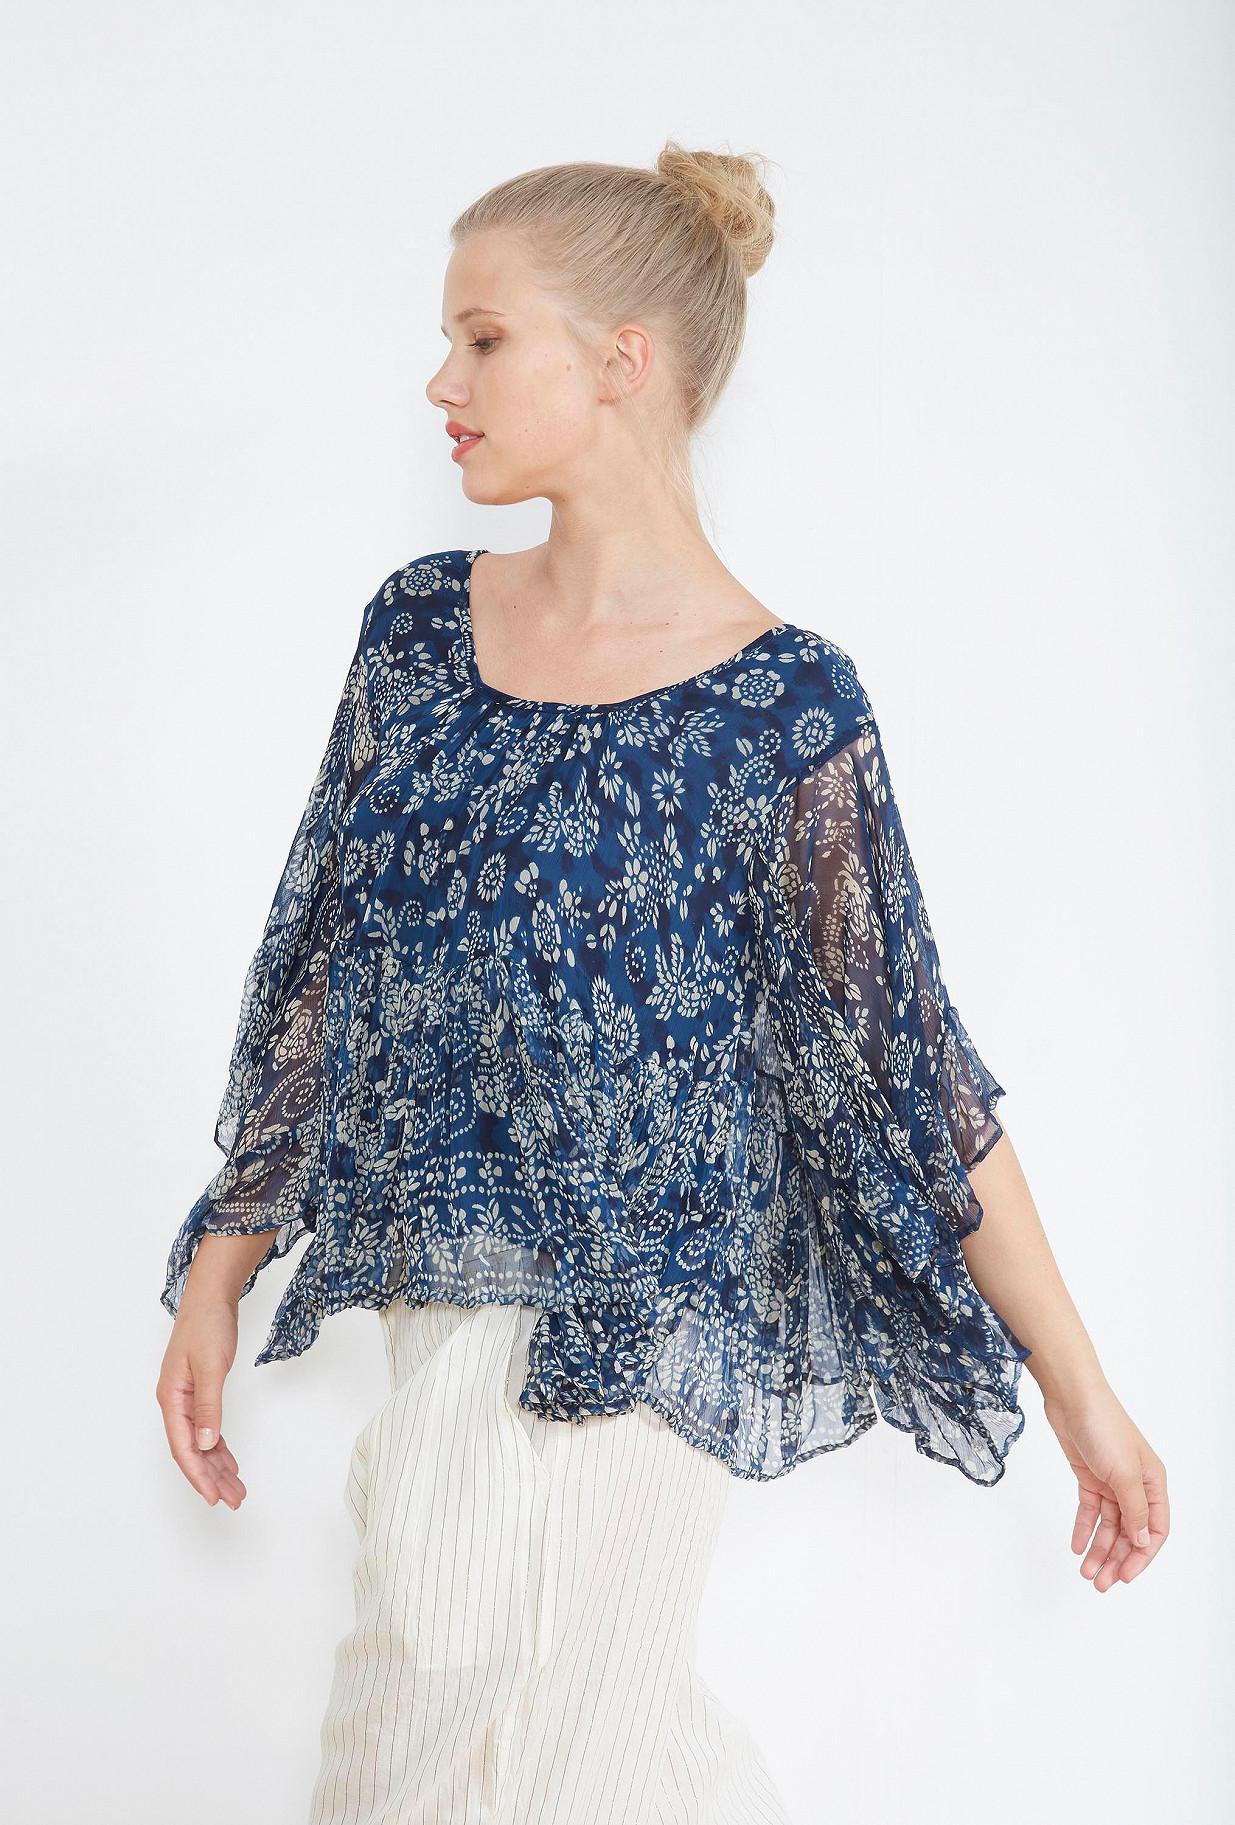 Blue print  BLOUSE  Barito Mes demoiselles fashion clothes designer Paris